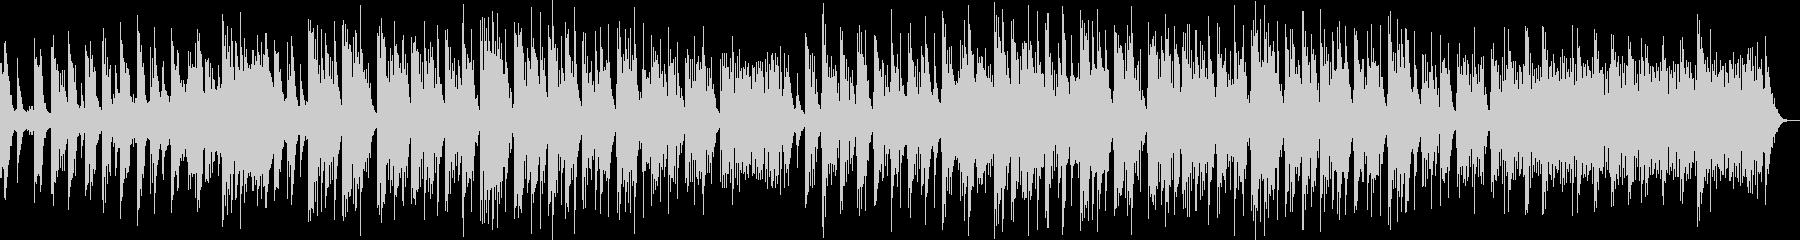 フュージョン センチメンタル 説明...の未再生の波形